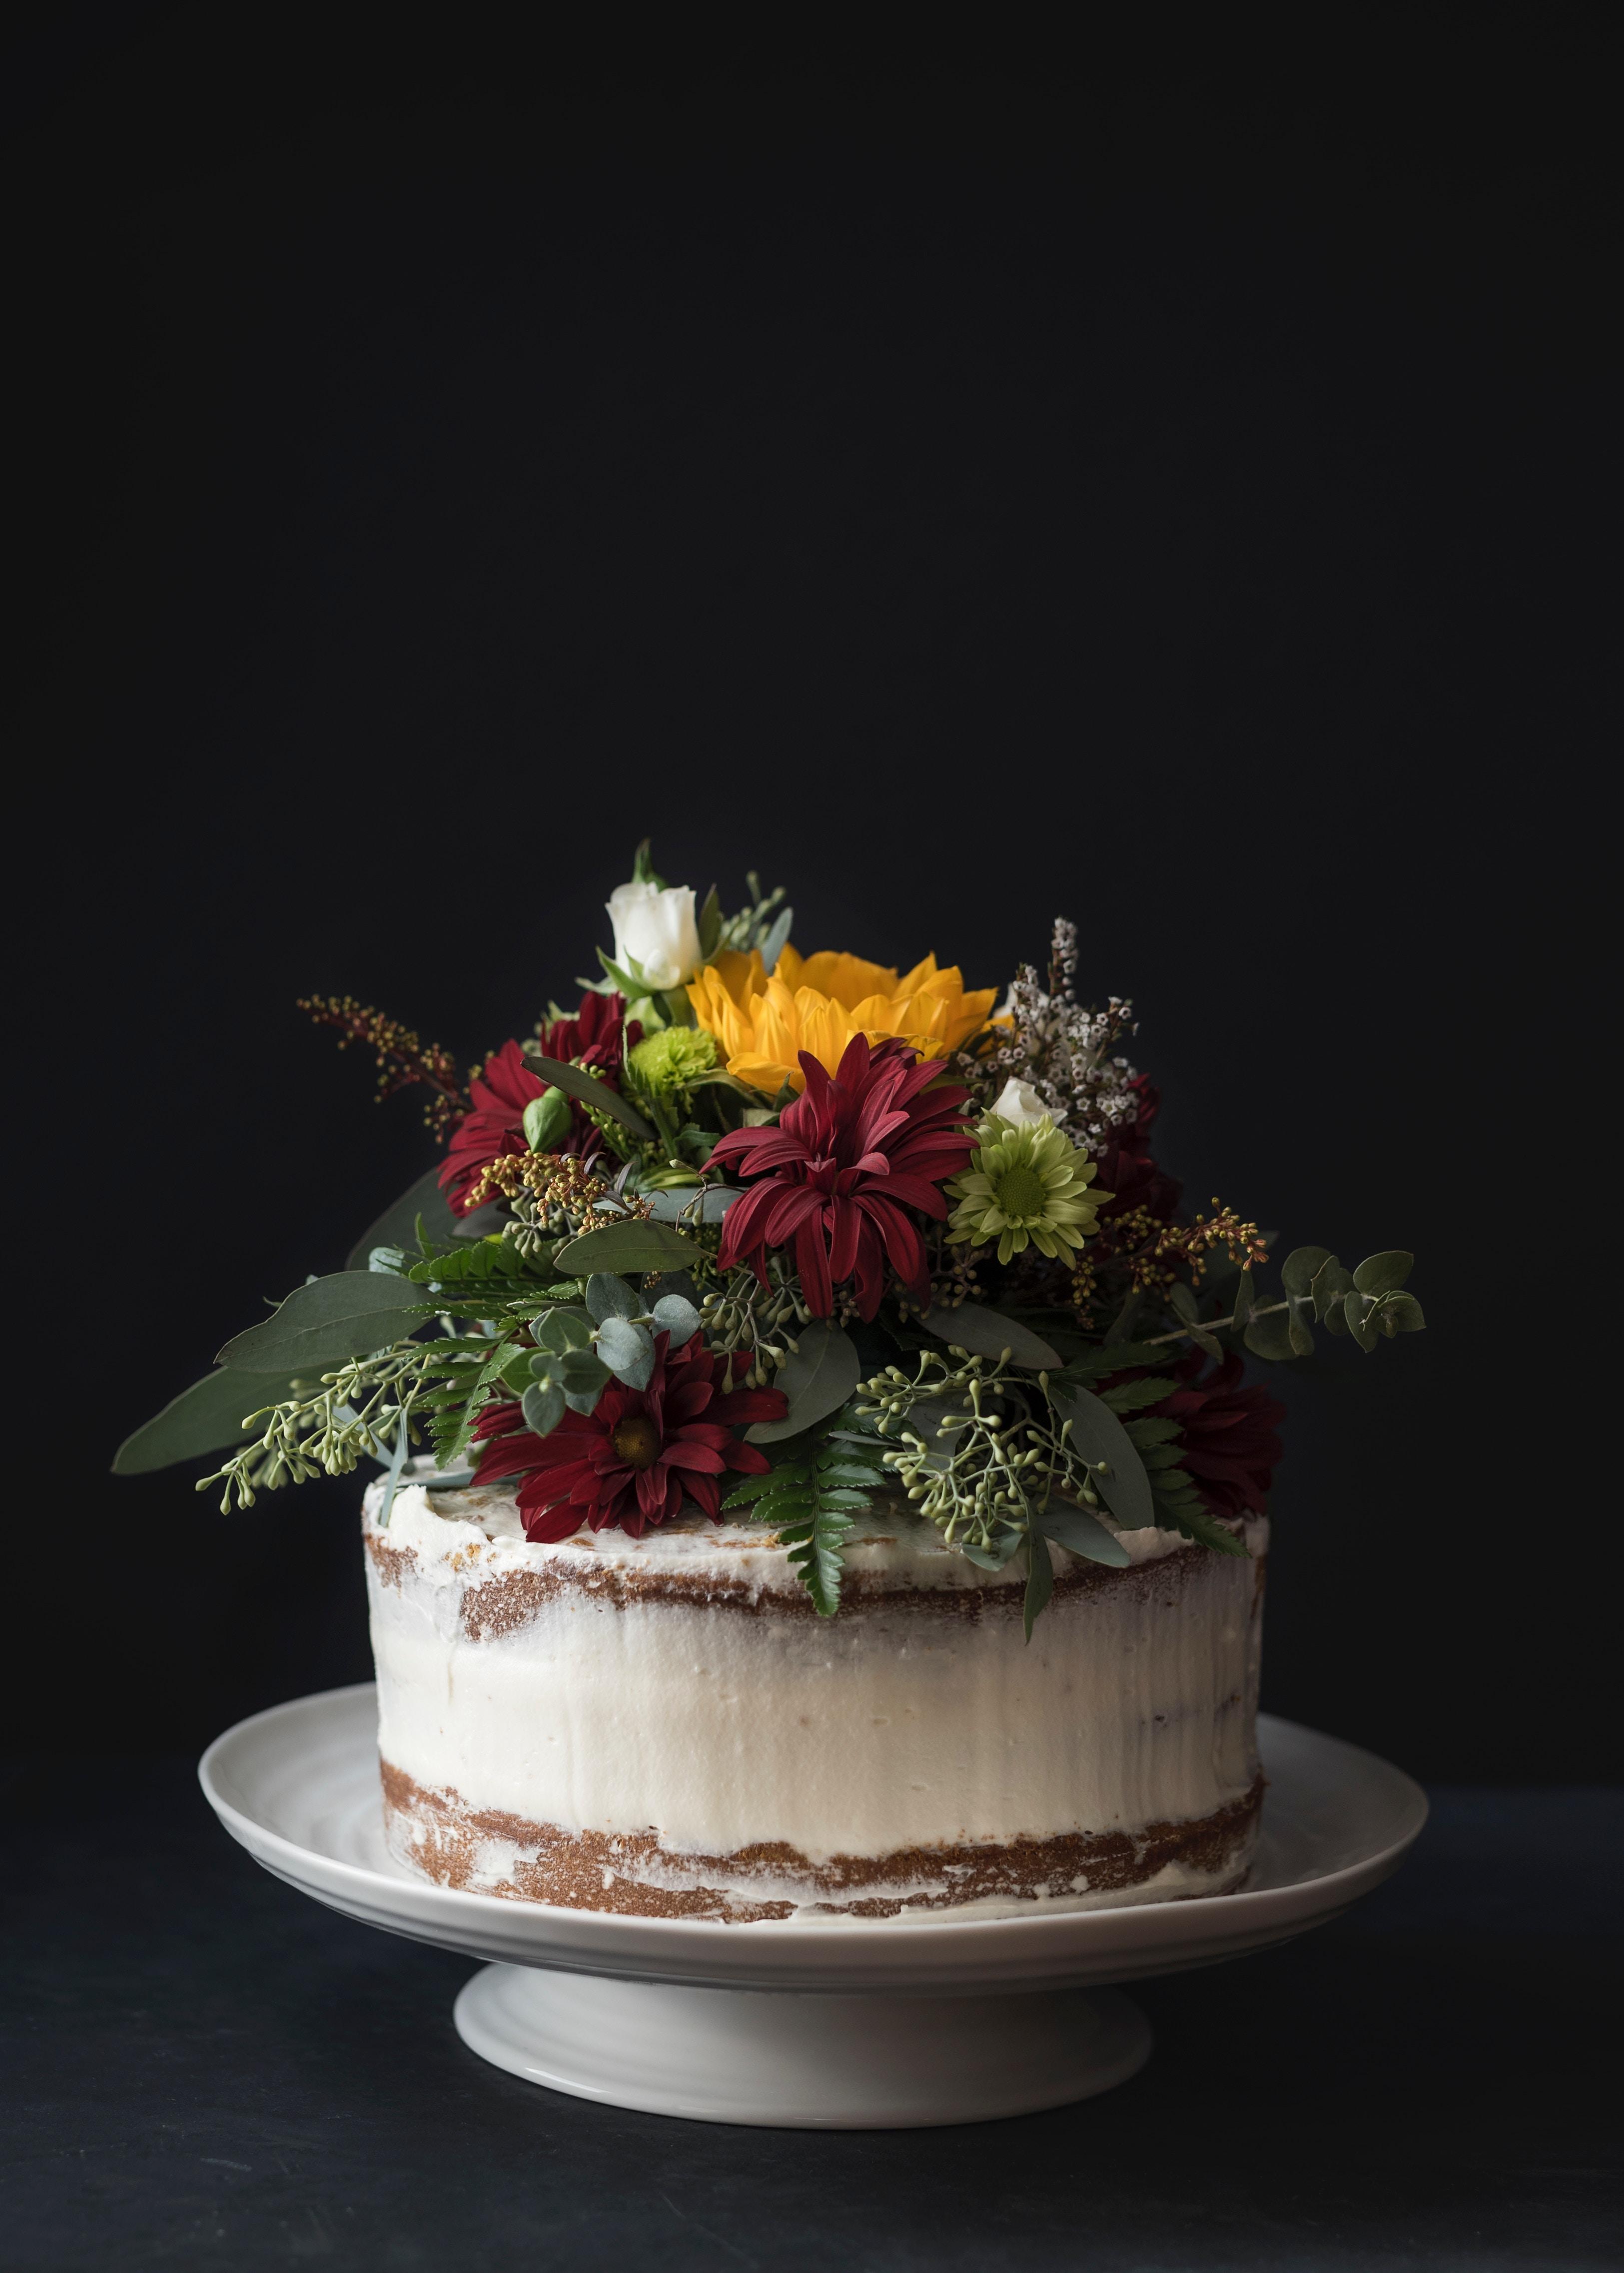 93401 скачать обои Торт, Цветы, Еда, Пустыня, Выпечка - заставки и картинки бесплатно